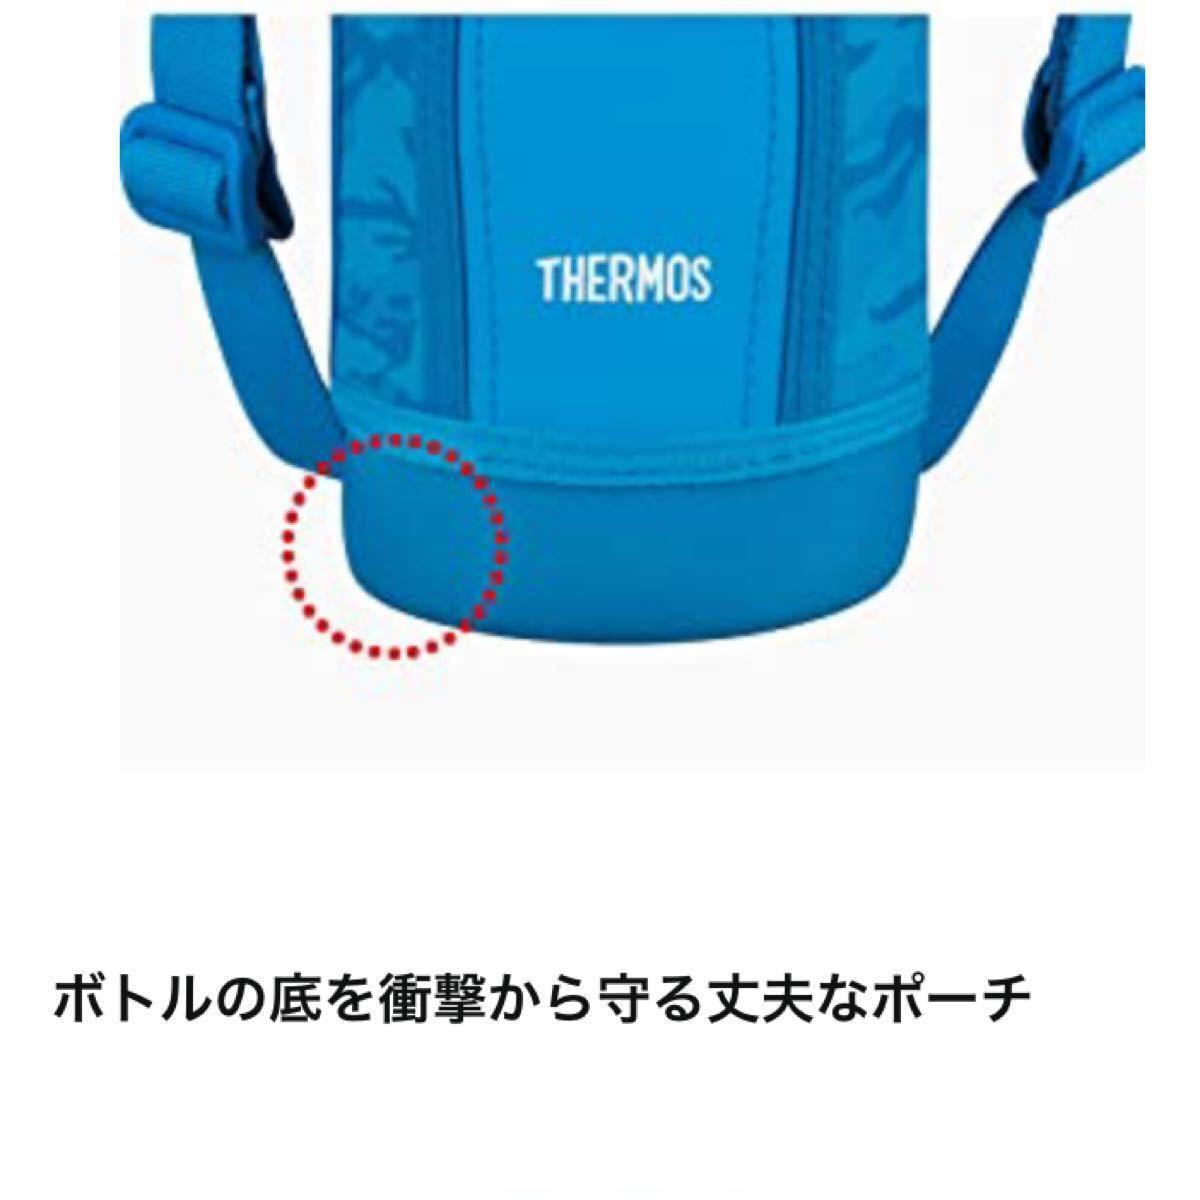 サーモス 水筒 真空断熱スポーツボトル ブルーカモフラージュ 1.0L FHT-1000F BL-C ブルーカモフラージュ 1L